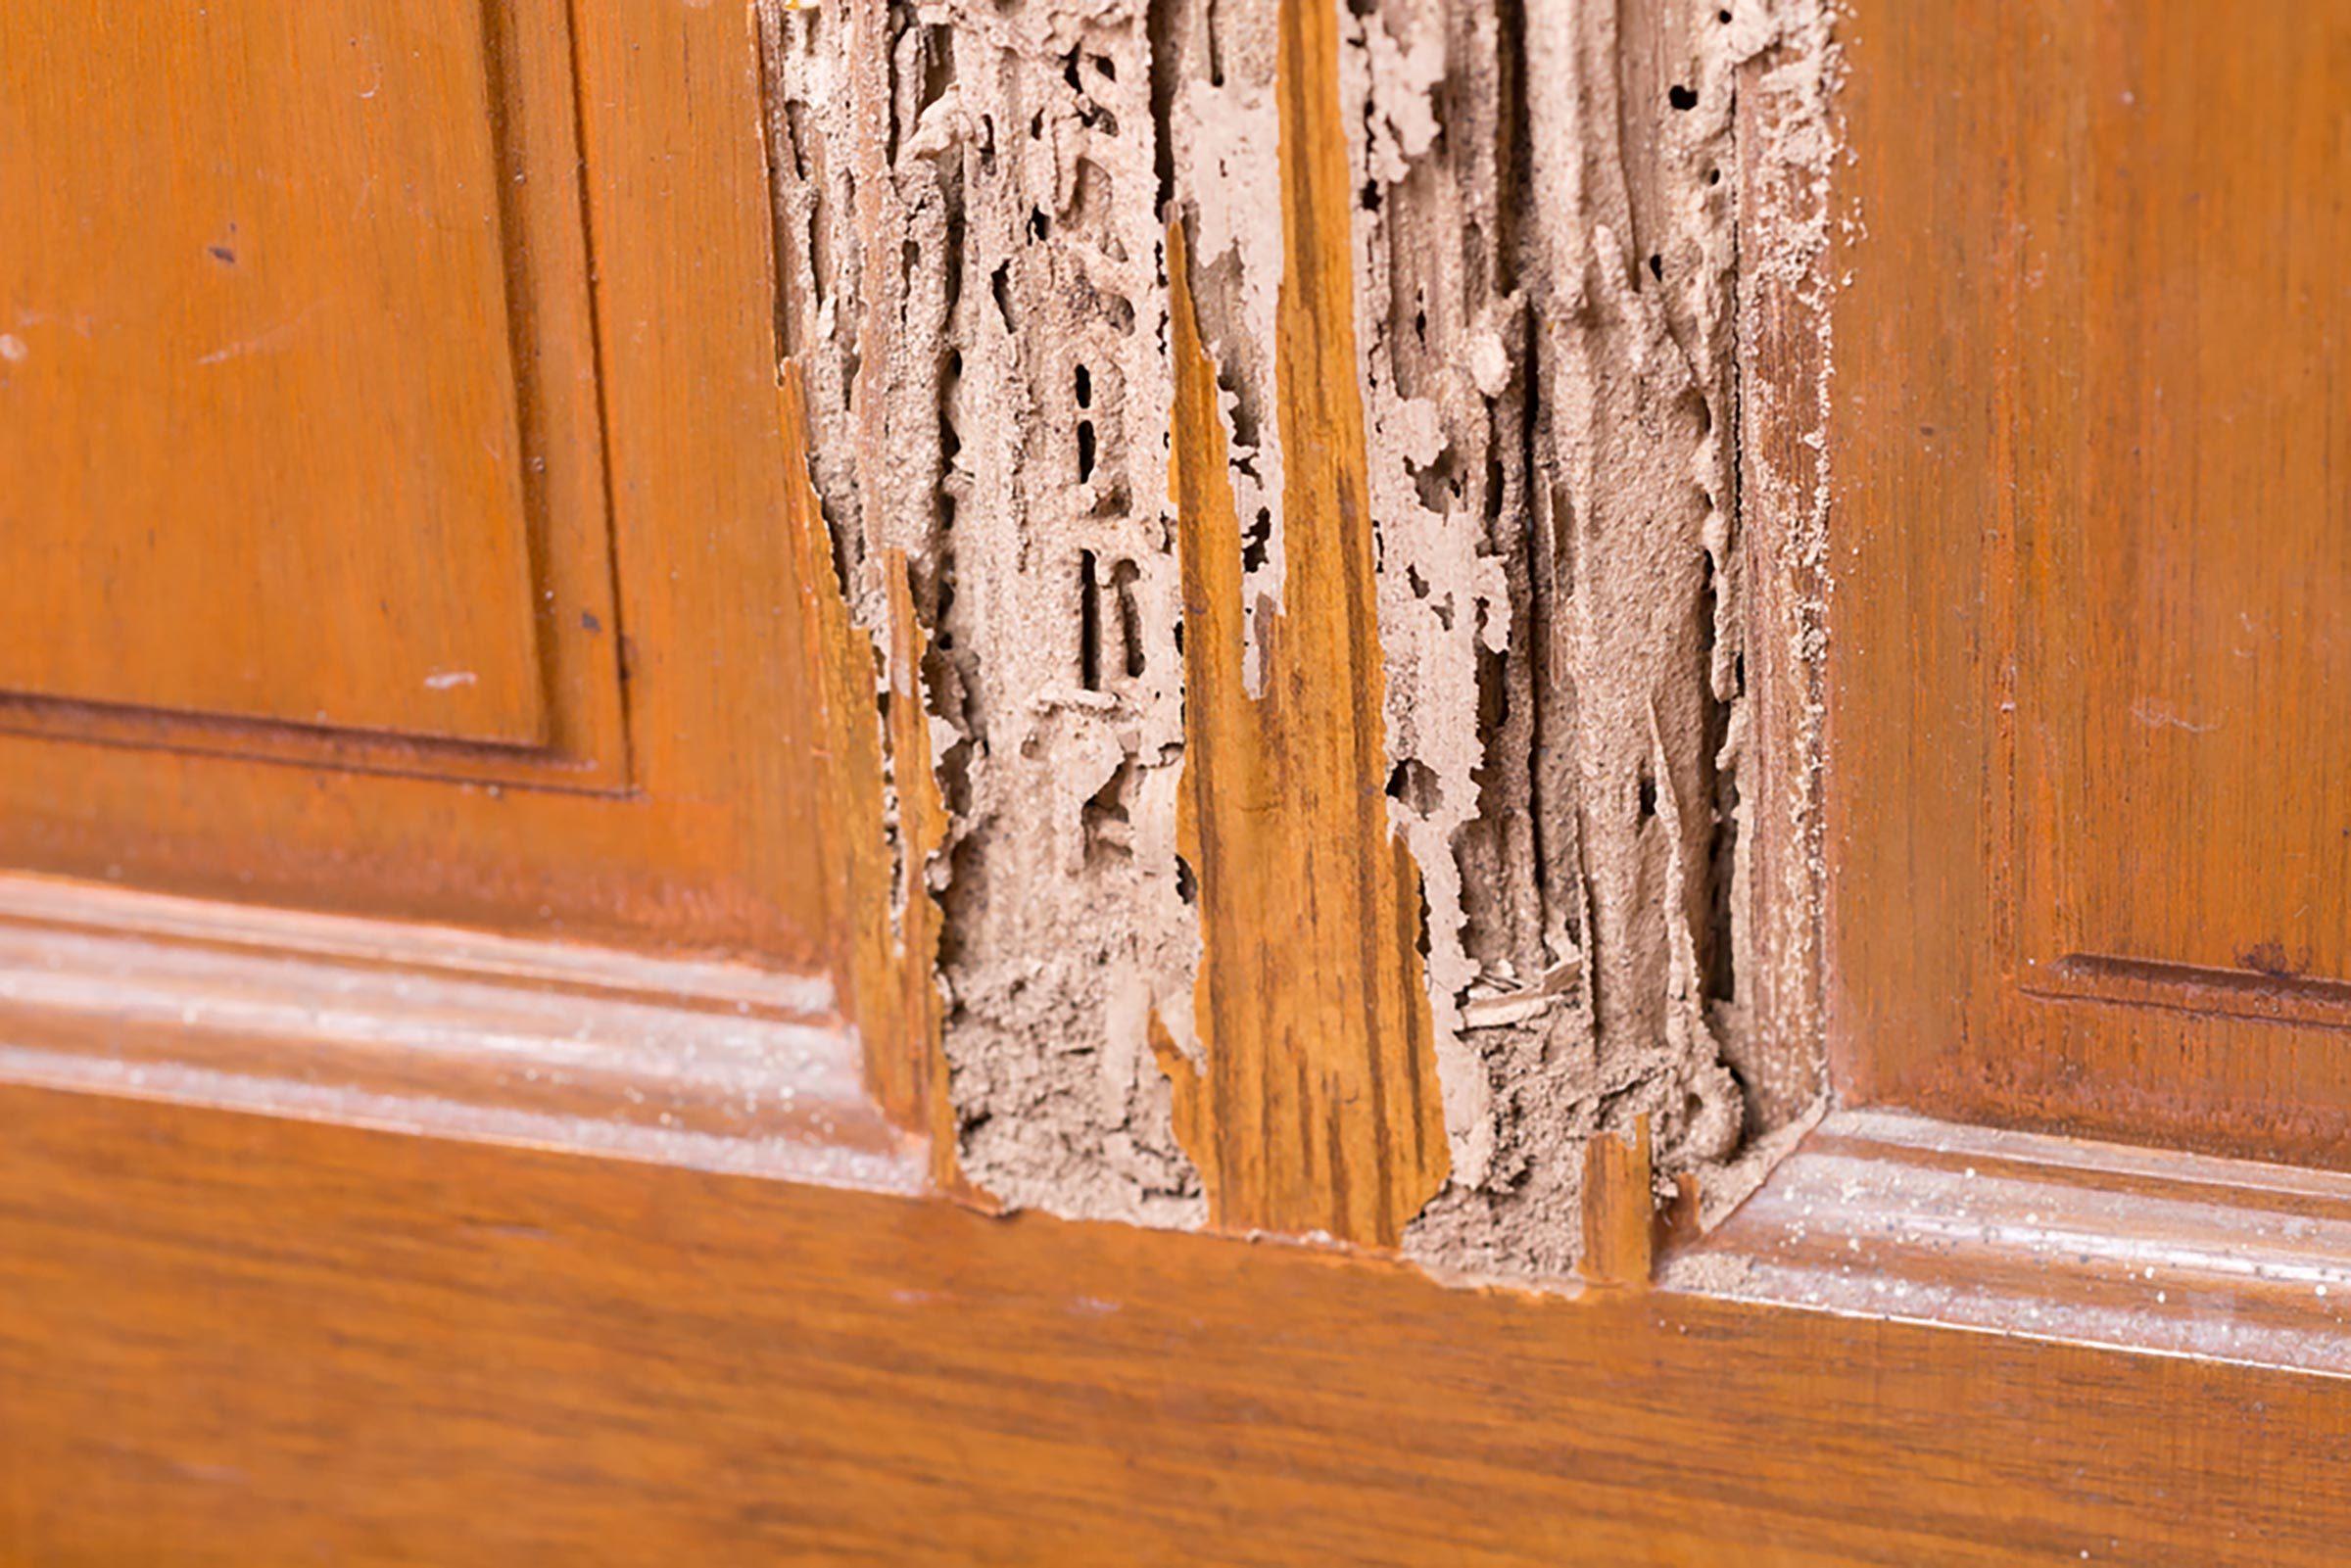 Du bois mou pourrait trahir la présence de termites